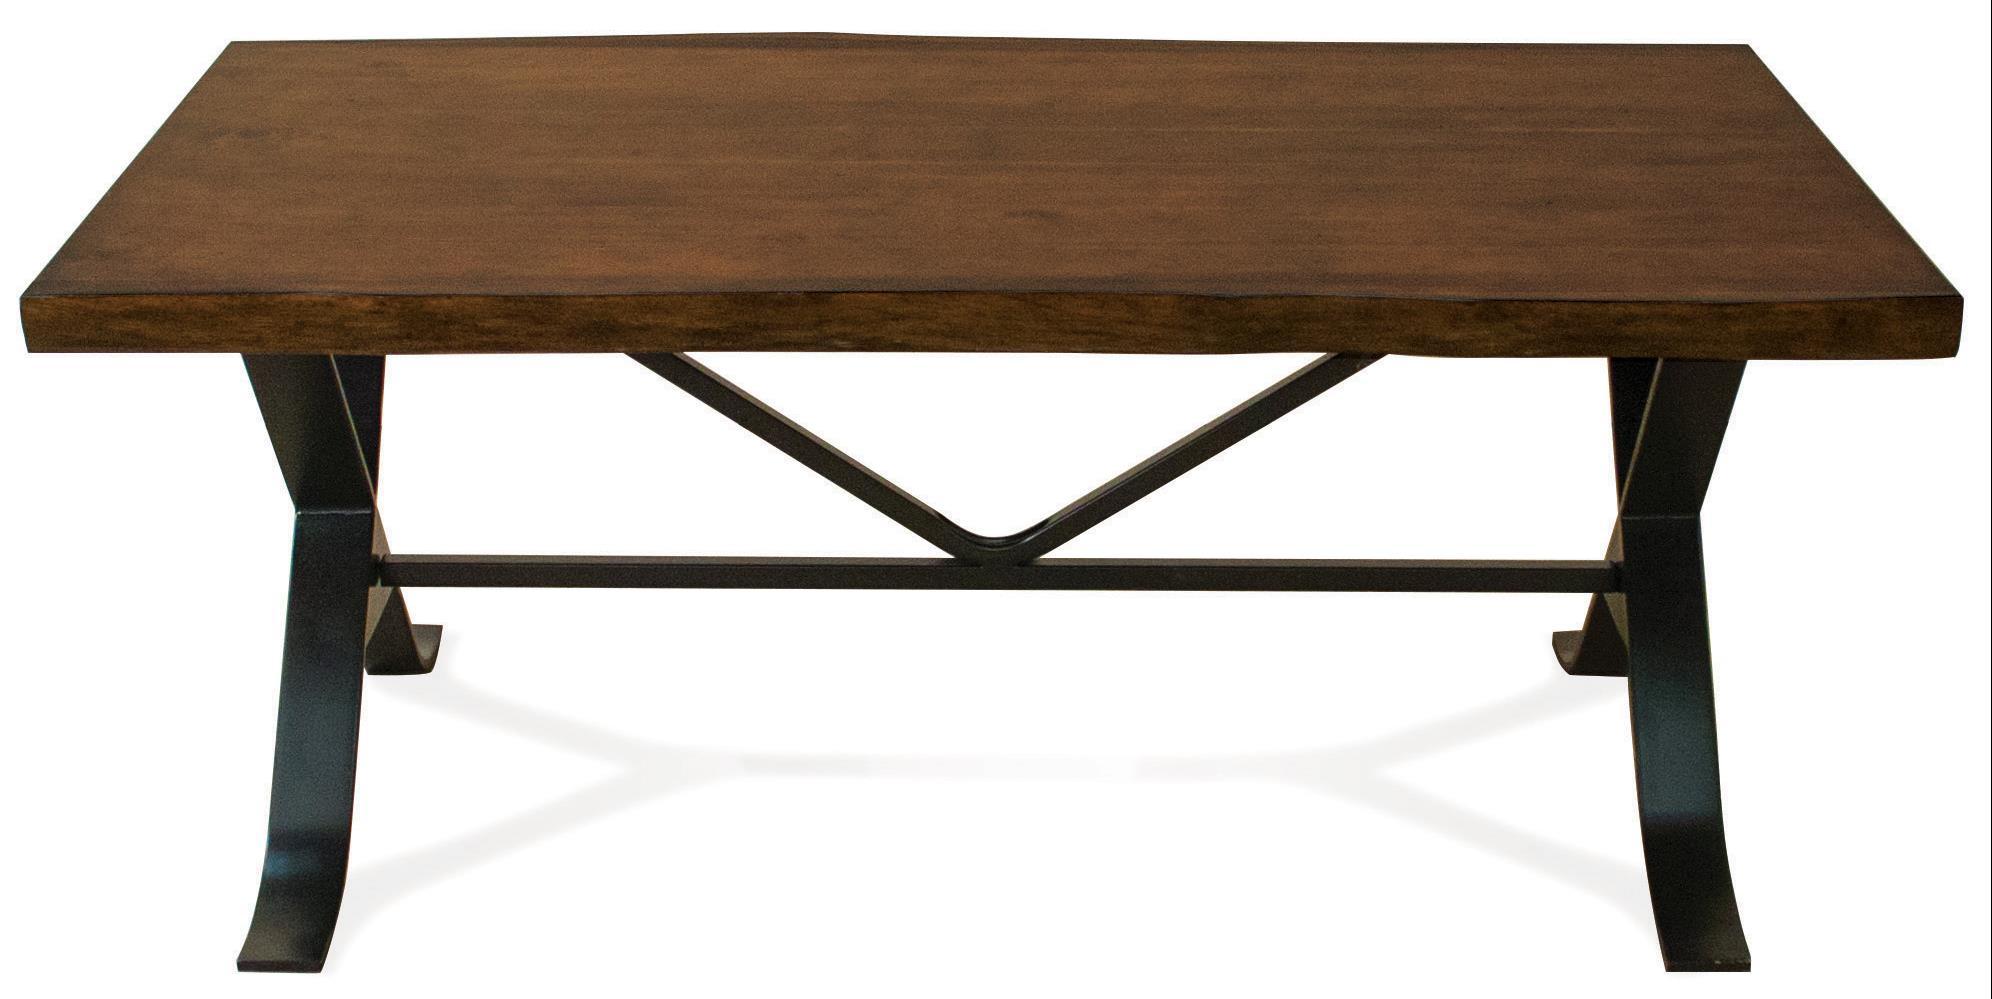 Riverside Furniture Boulder Coffee Table              - Item Number: 13902